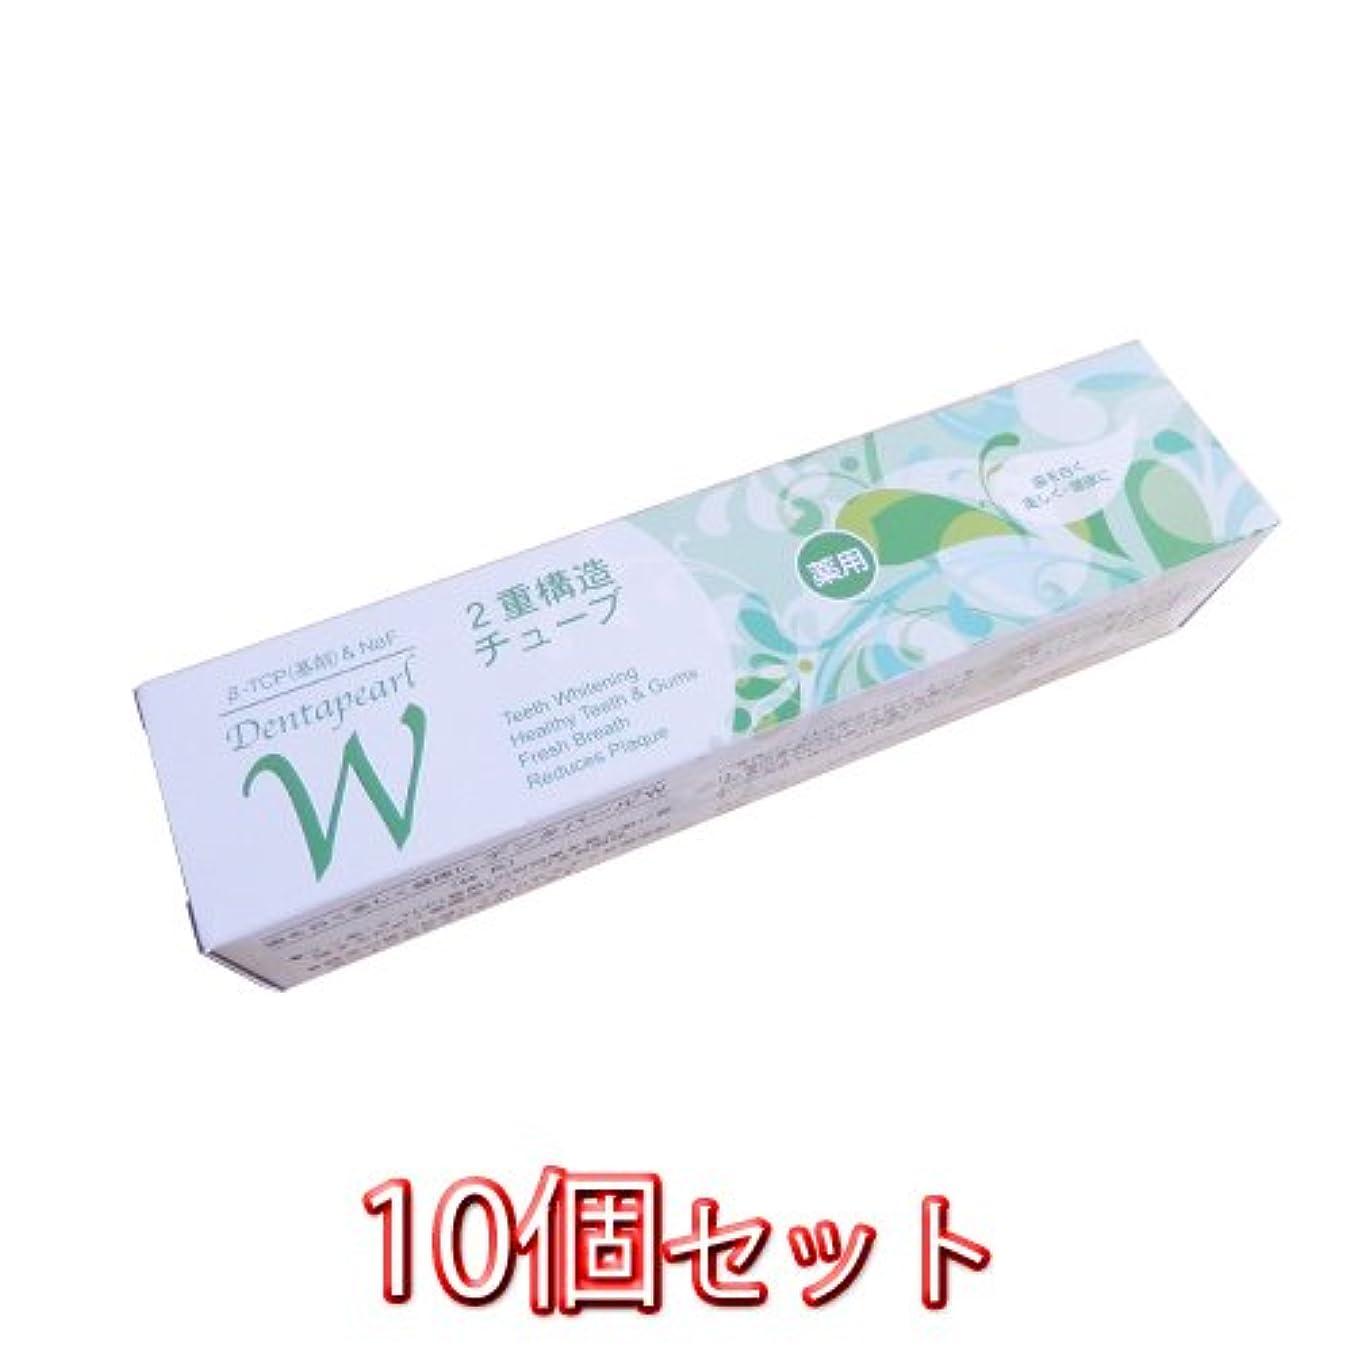 階詩フェンス三宝製薬株式会社 デンタパールW 108g×10本 医薬部外品